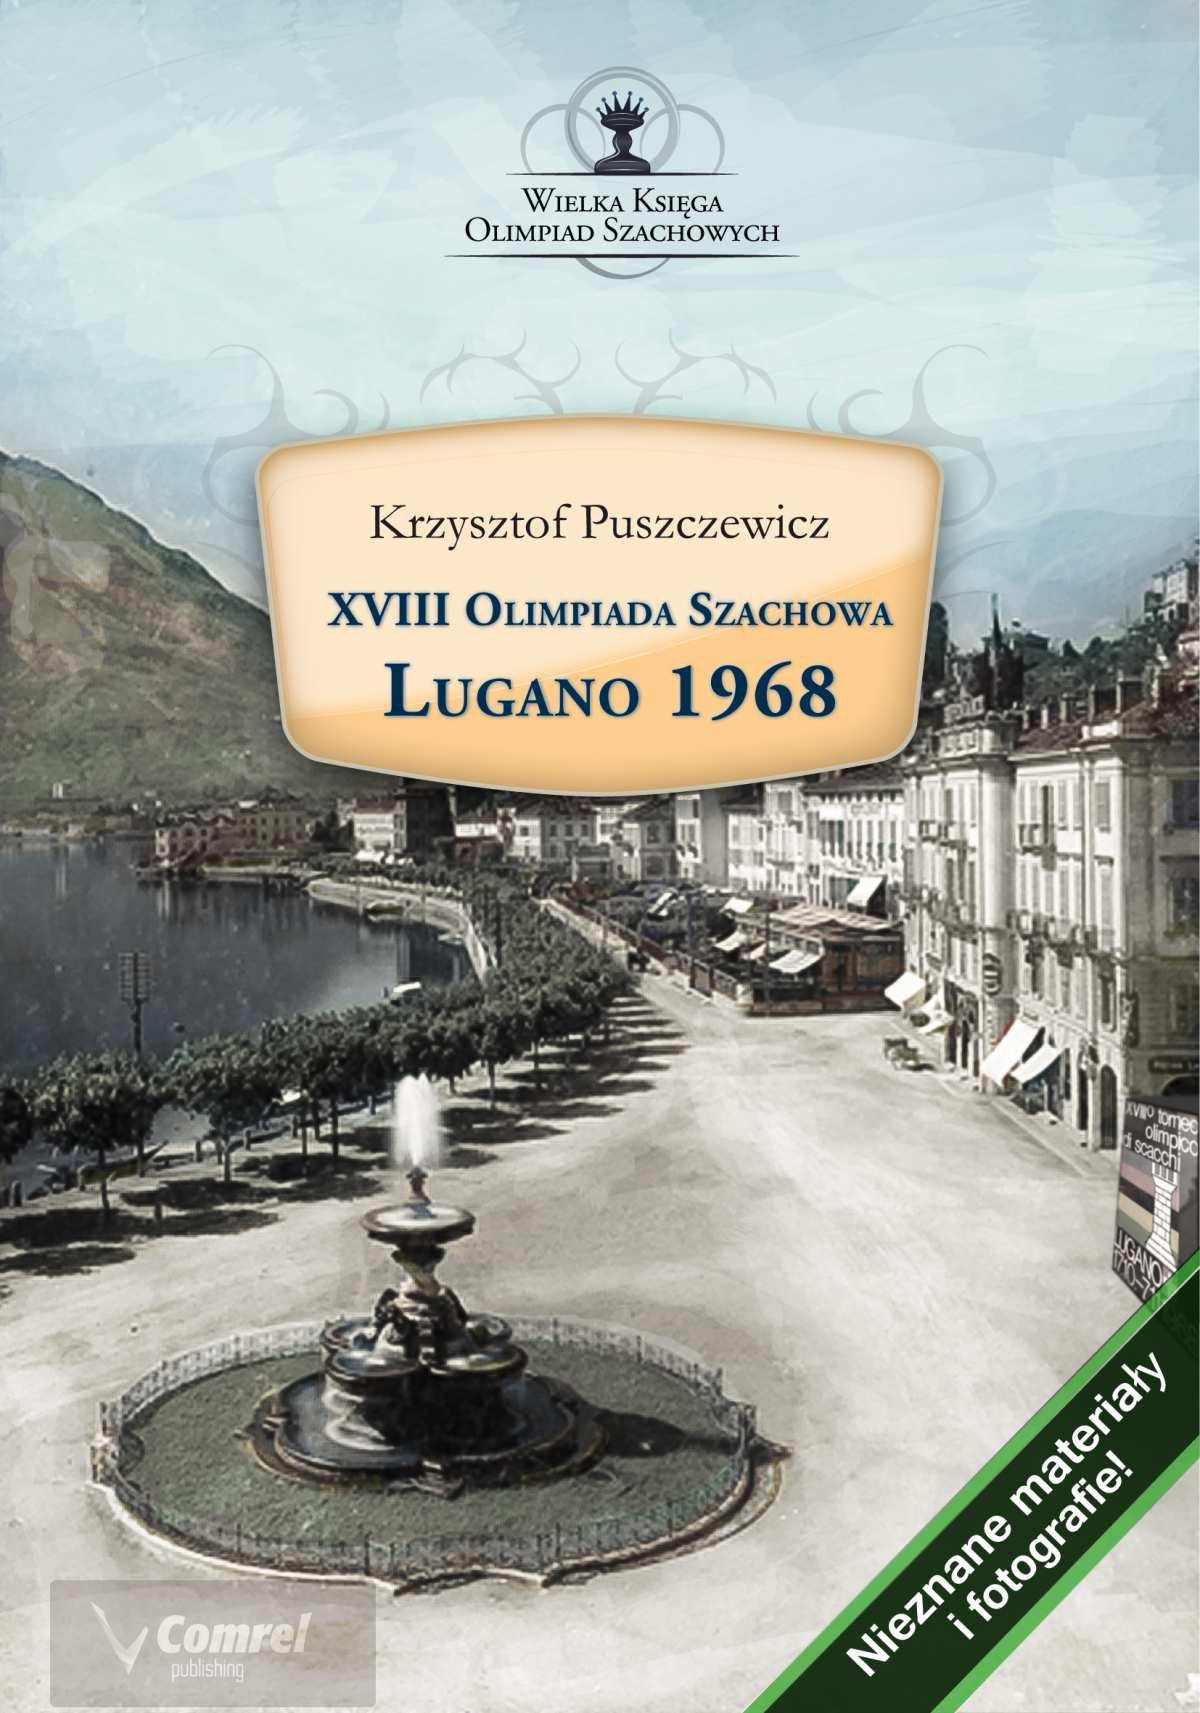 XVIII Olimpiada Szachowa. Lugano 1968 - Ebook (Książka PDF) do pobrania w formacie PDF